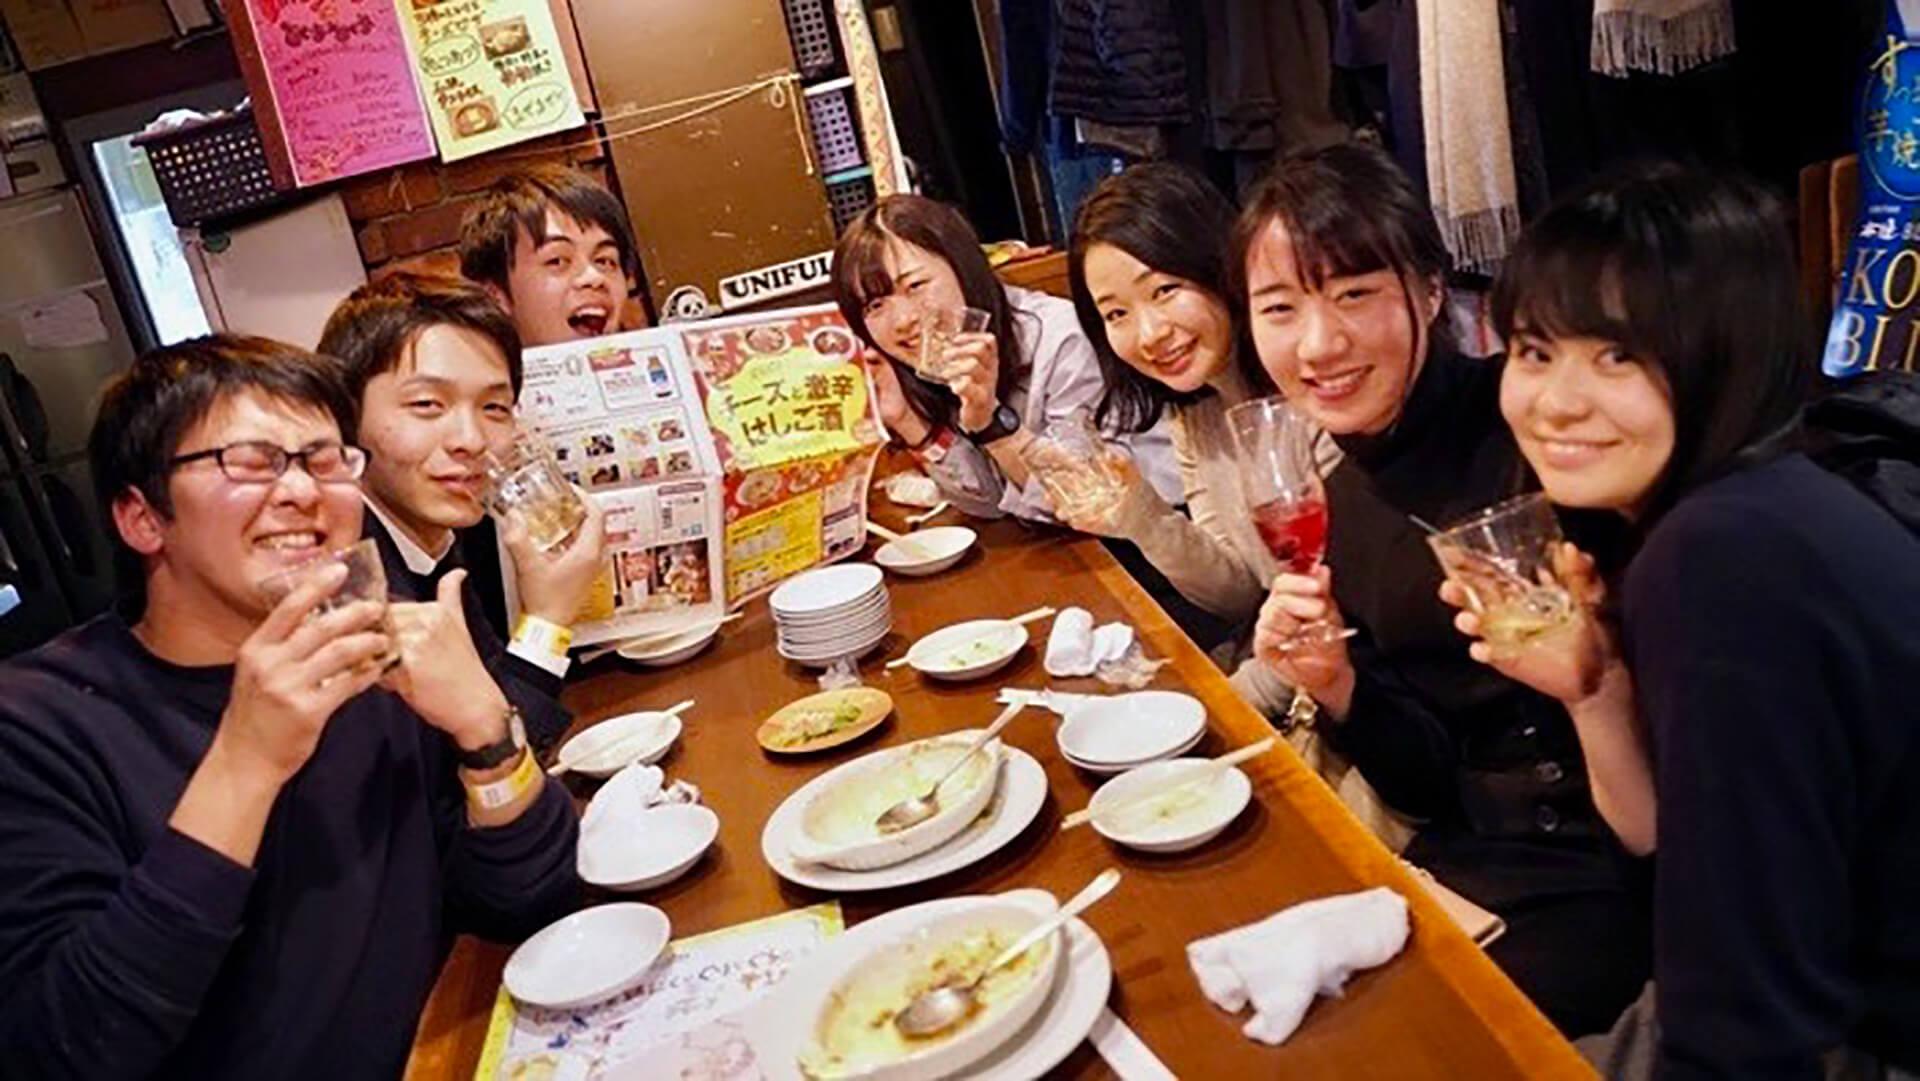 この写真は「ばるばる下北沢 クラフトビールとはしご酒 みんな呑み友」の前回開催の様子です。乾杯風景